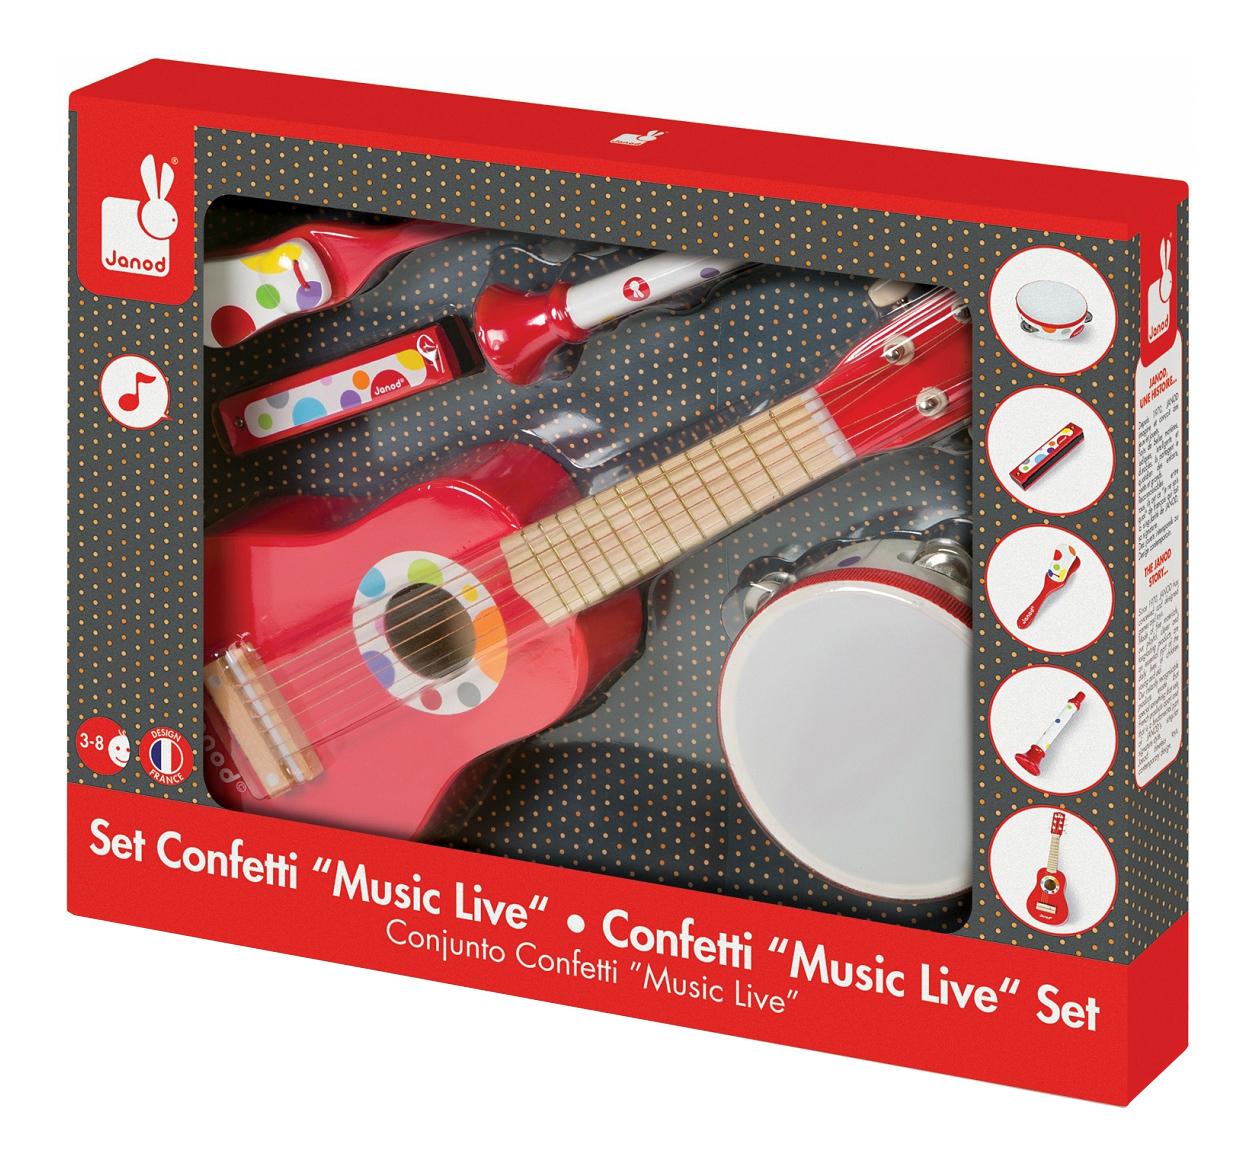 Набор музыкальных инструментов Janod Confetti красный